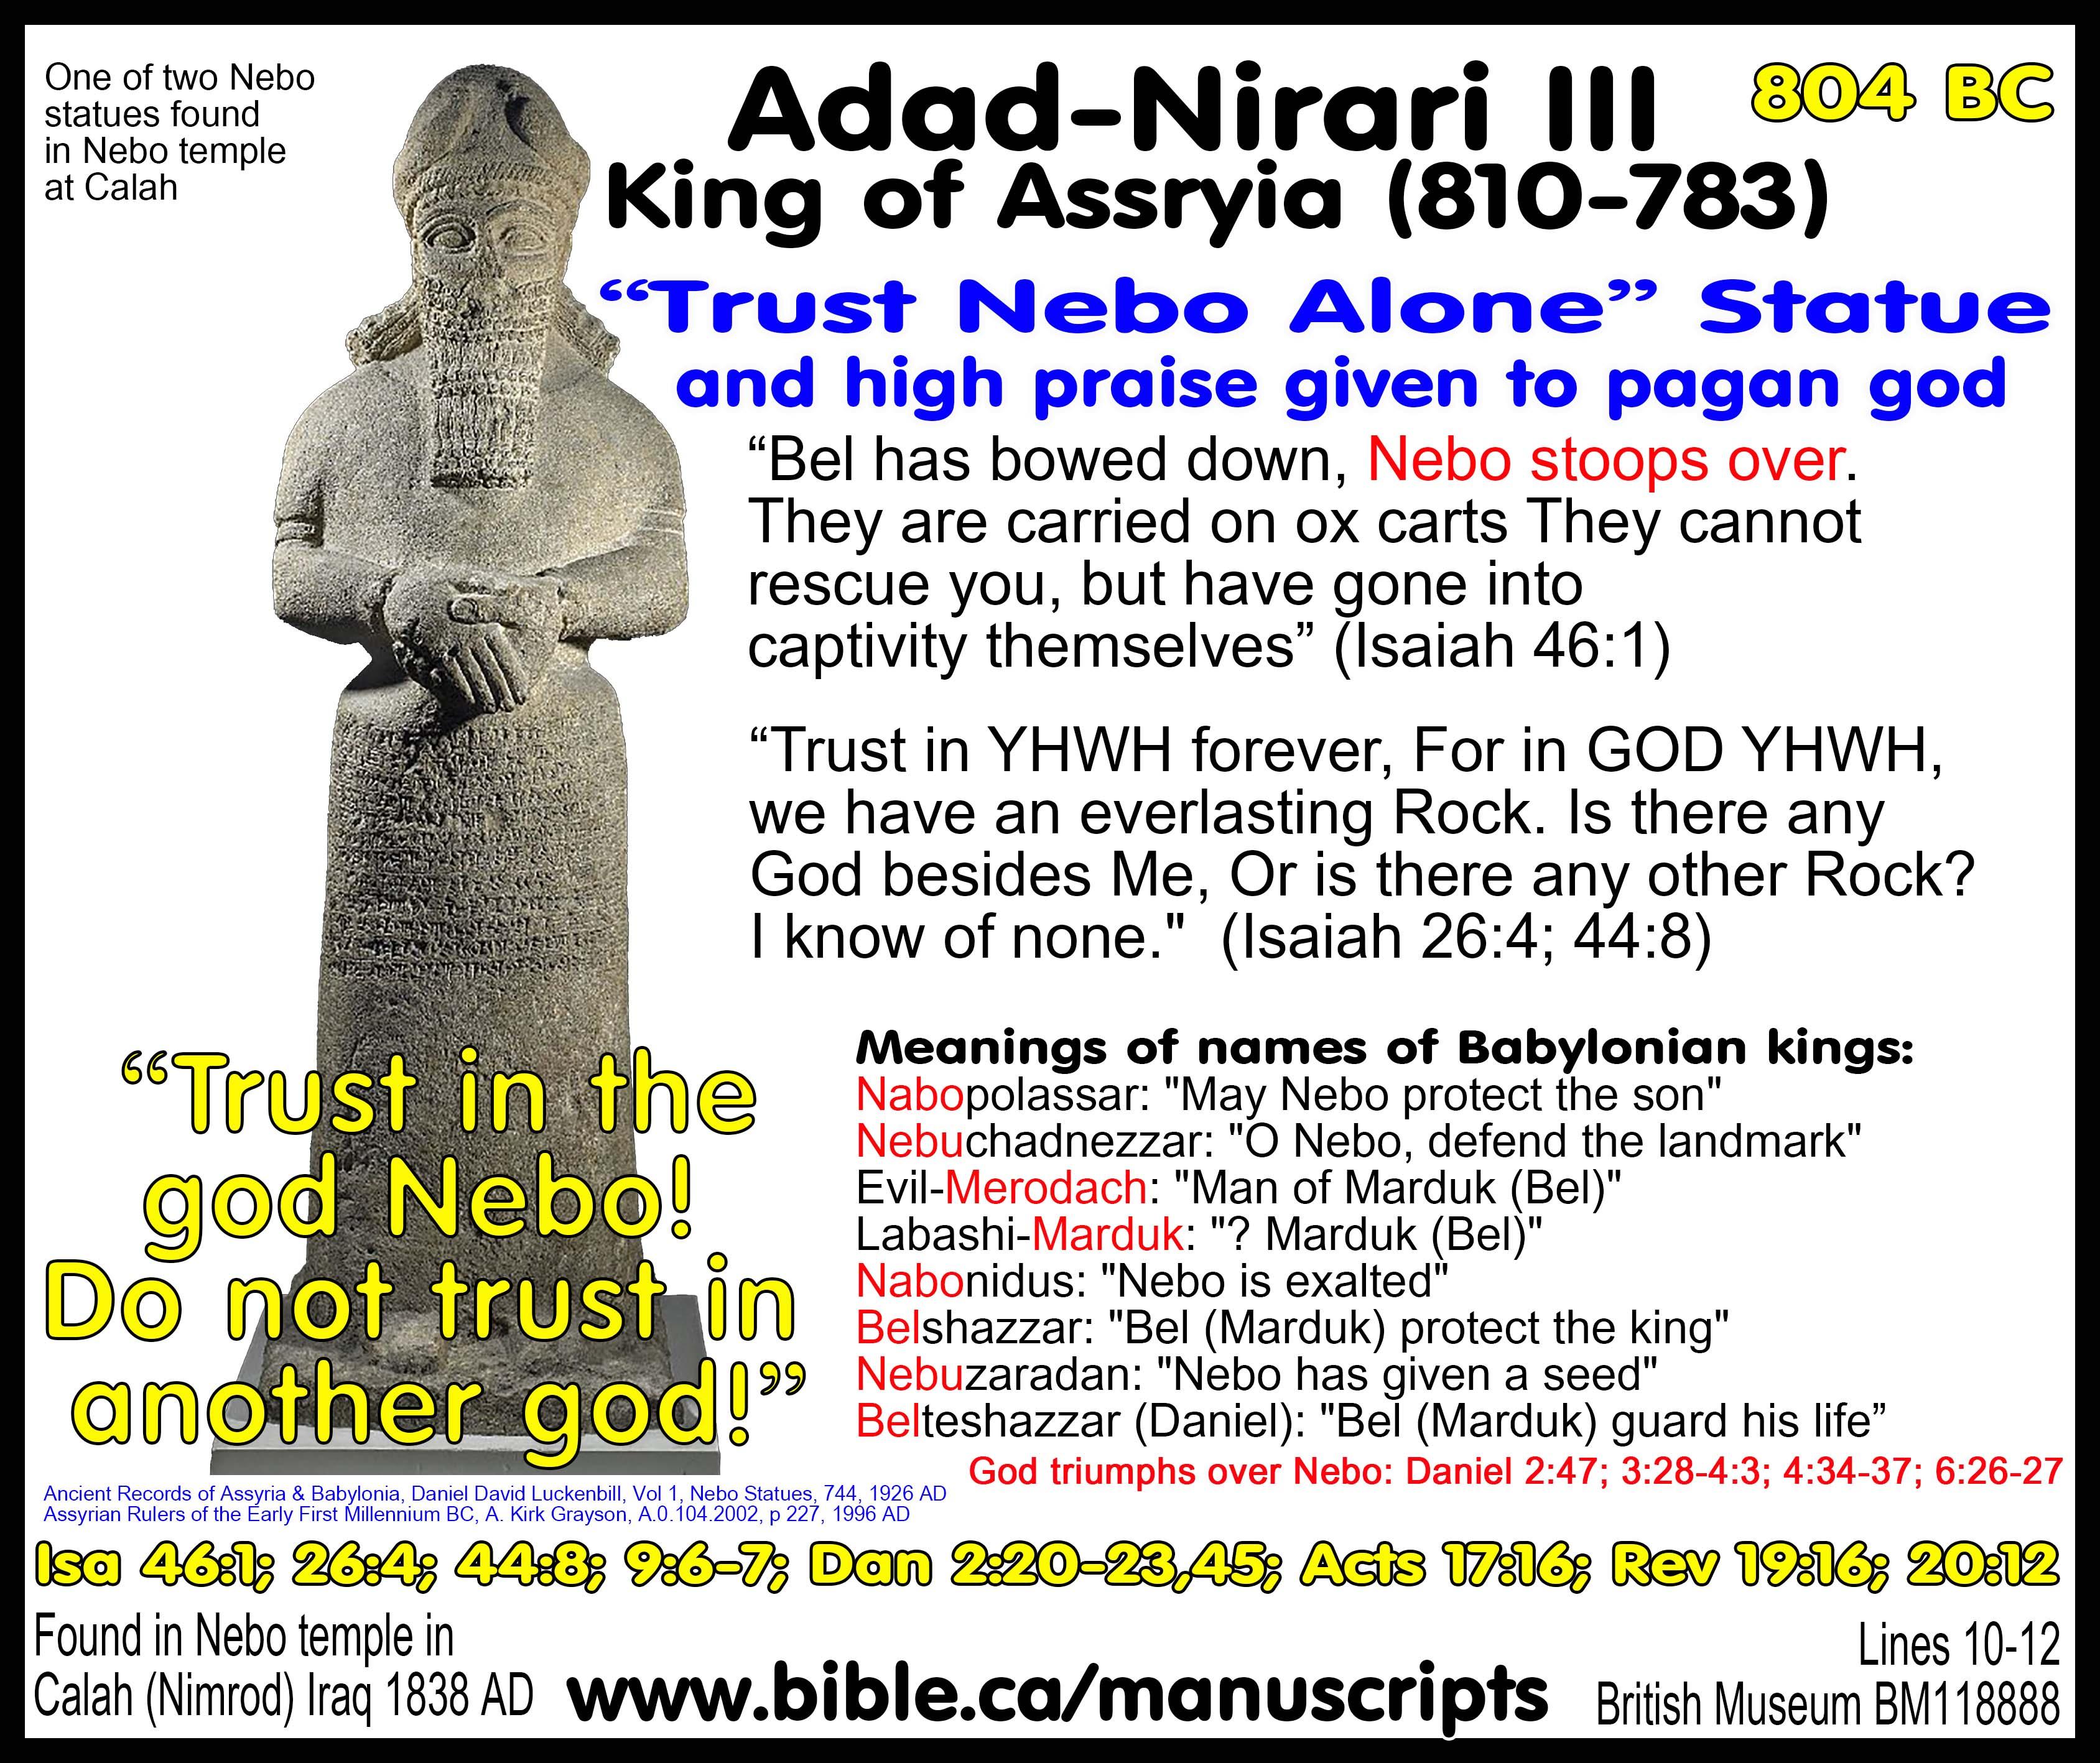 Zedekiah, Matteniah King of Judah 597-587 BC The